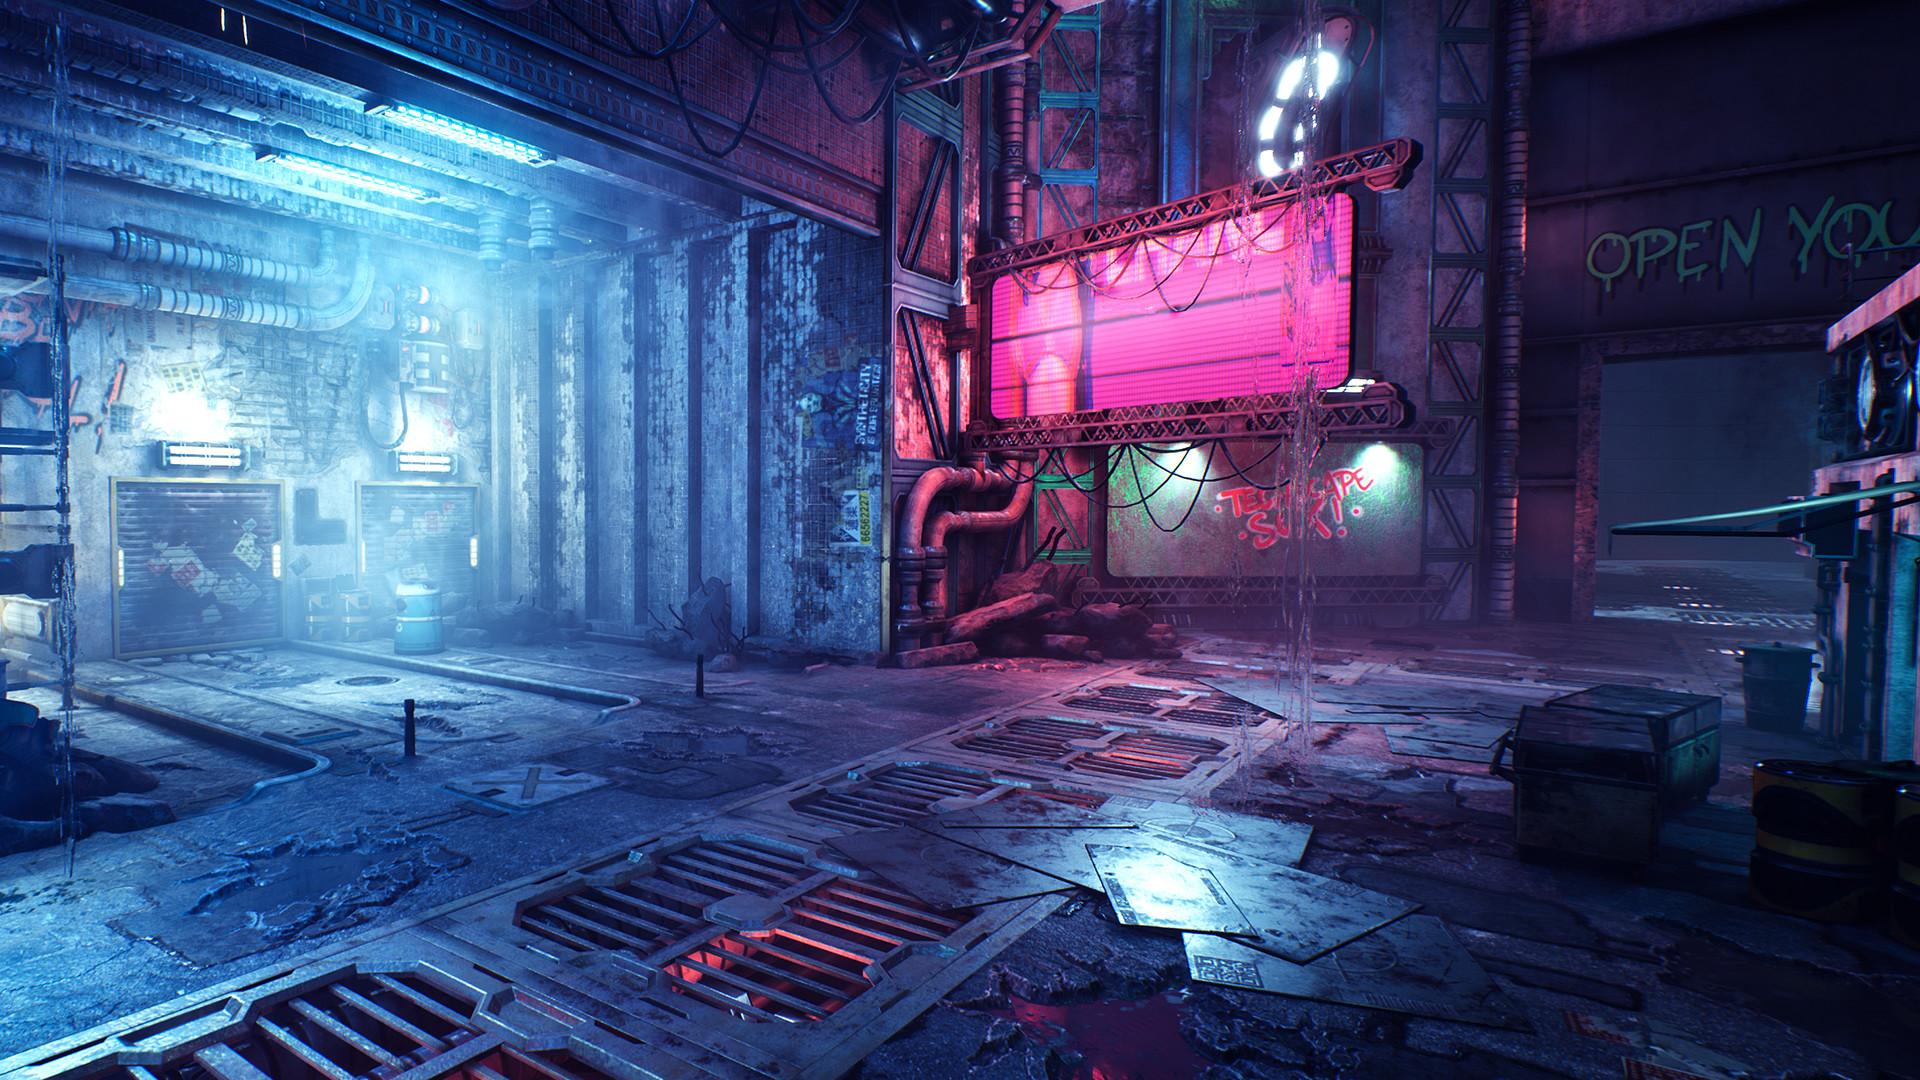 幽灵行者/Ghostrunner(更新硬核模式)插图1